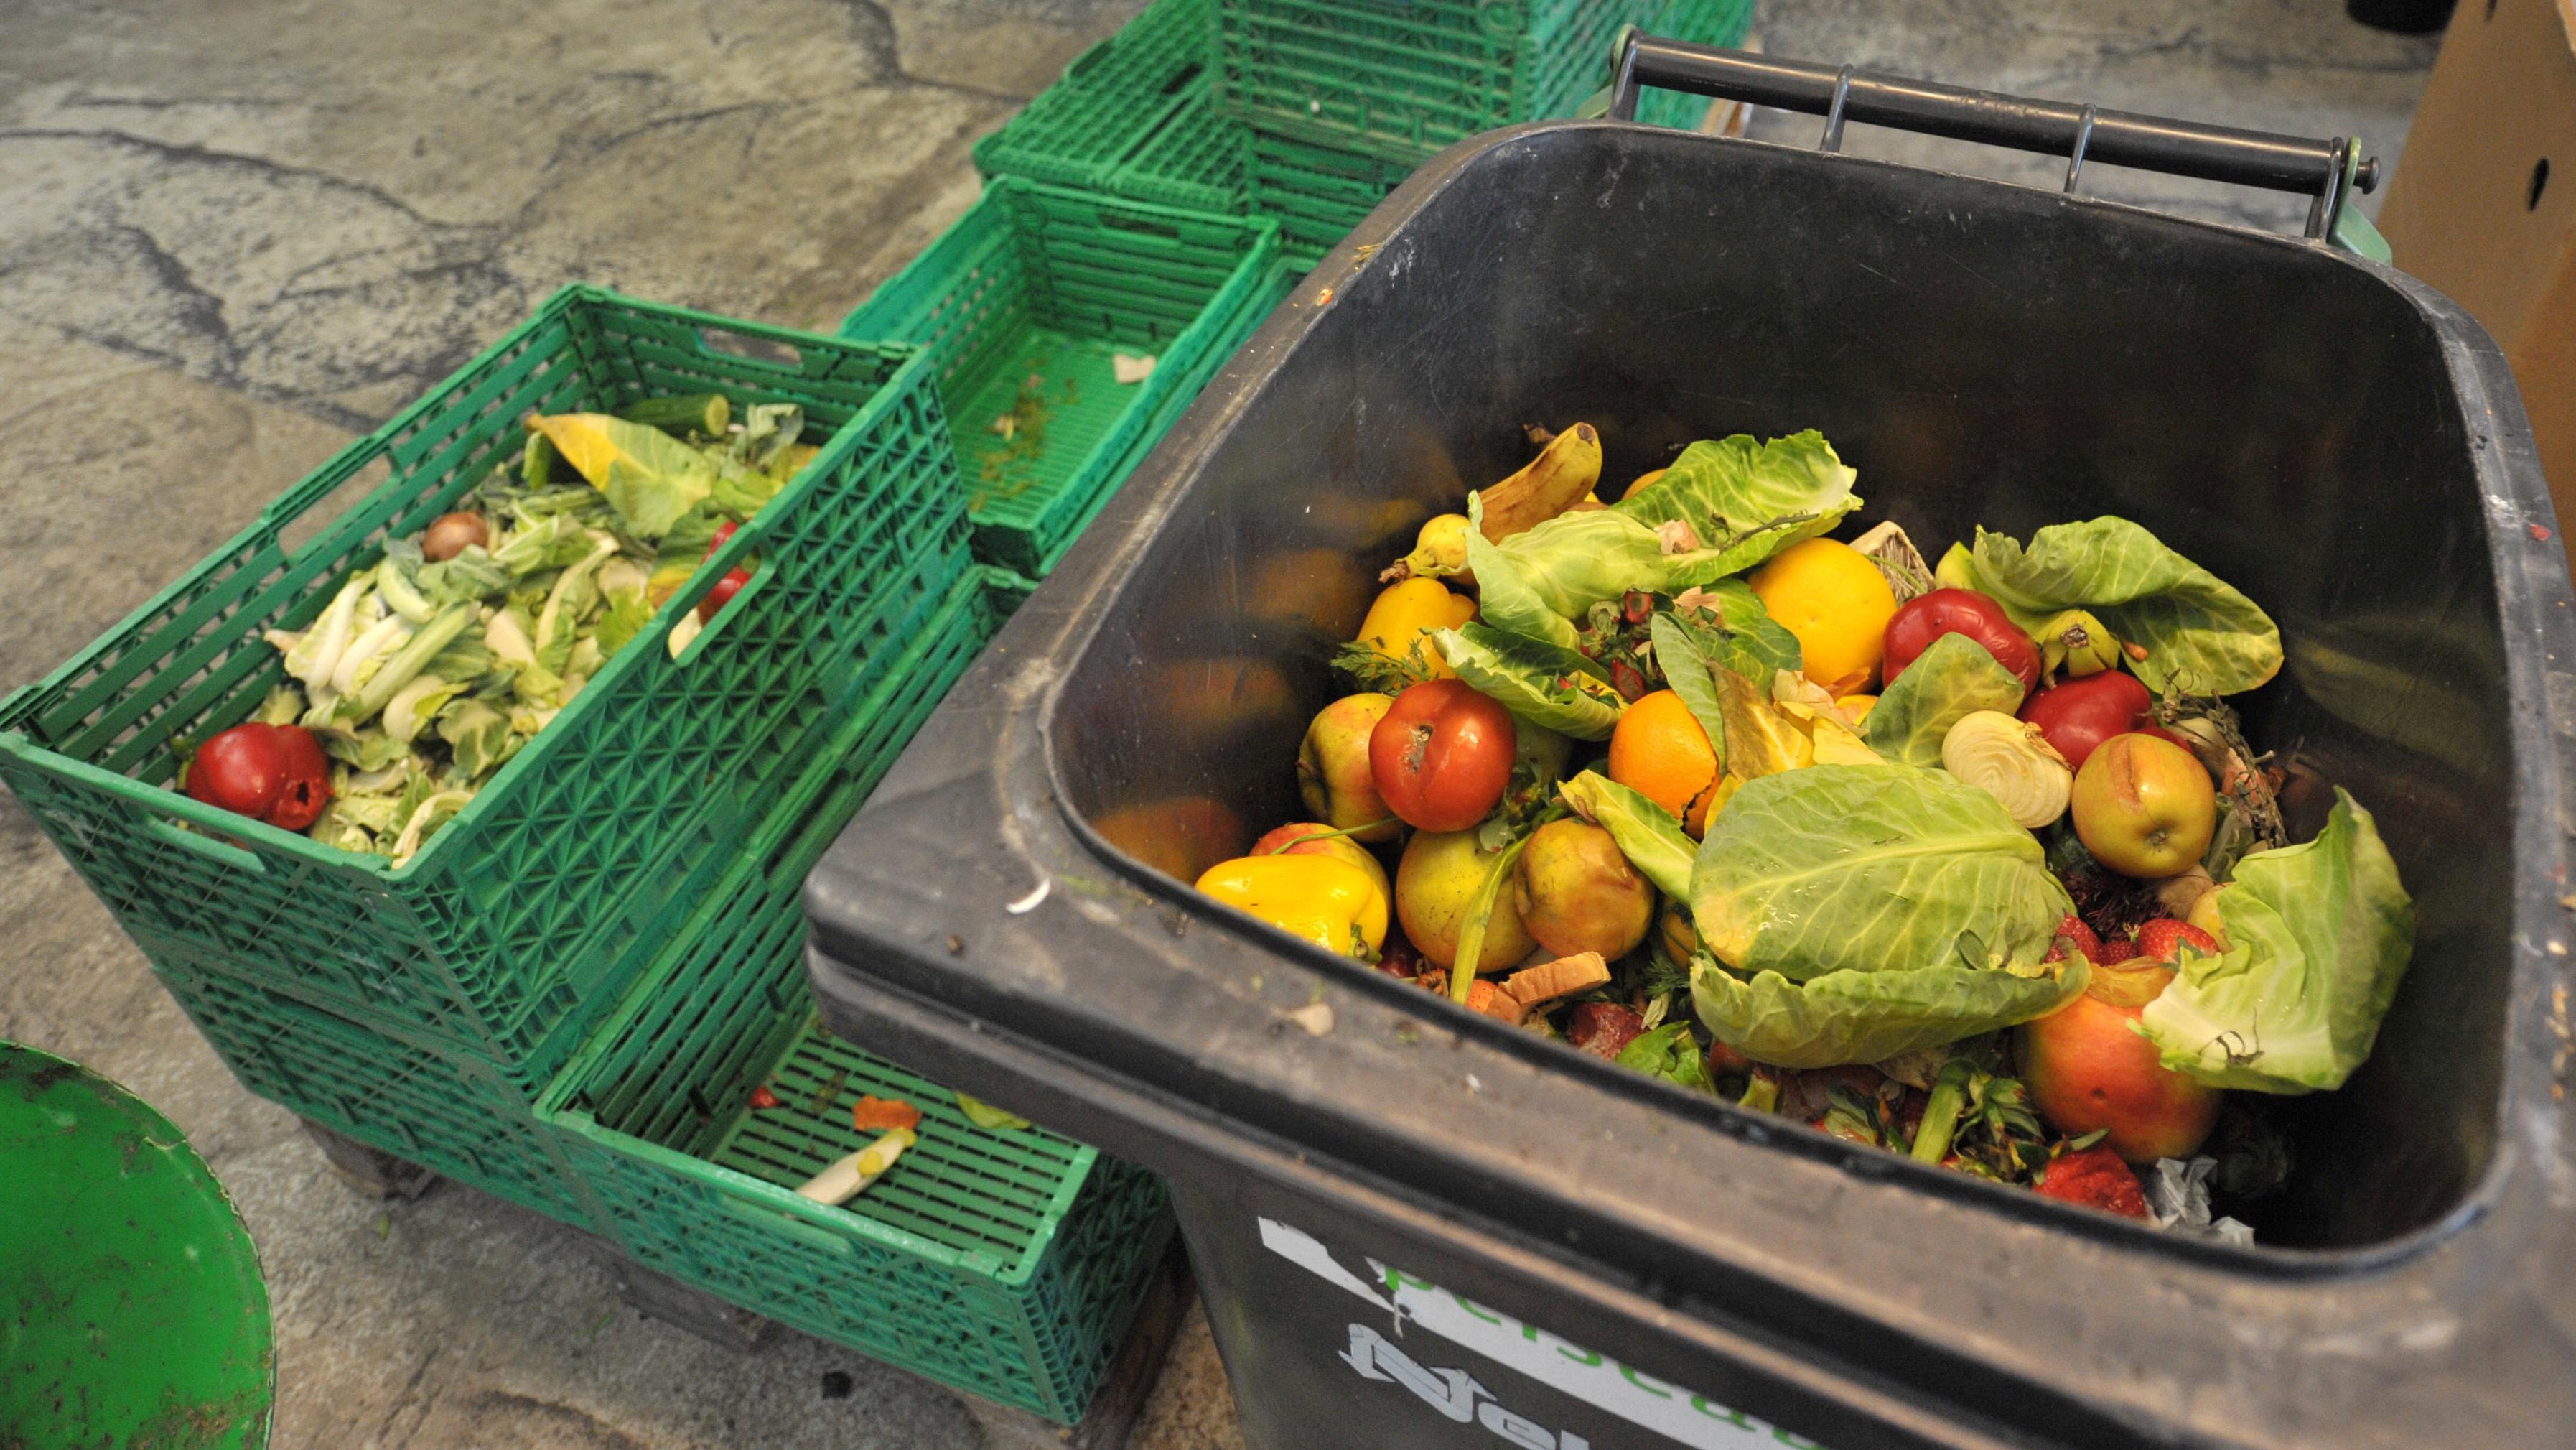 Weggeworfene Lebensmittel in der Mülltonne